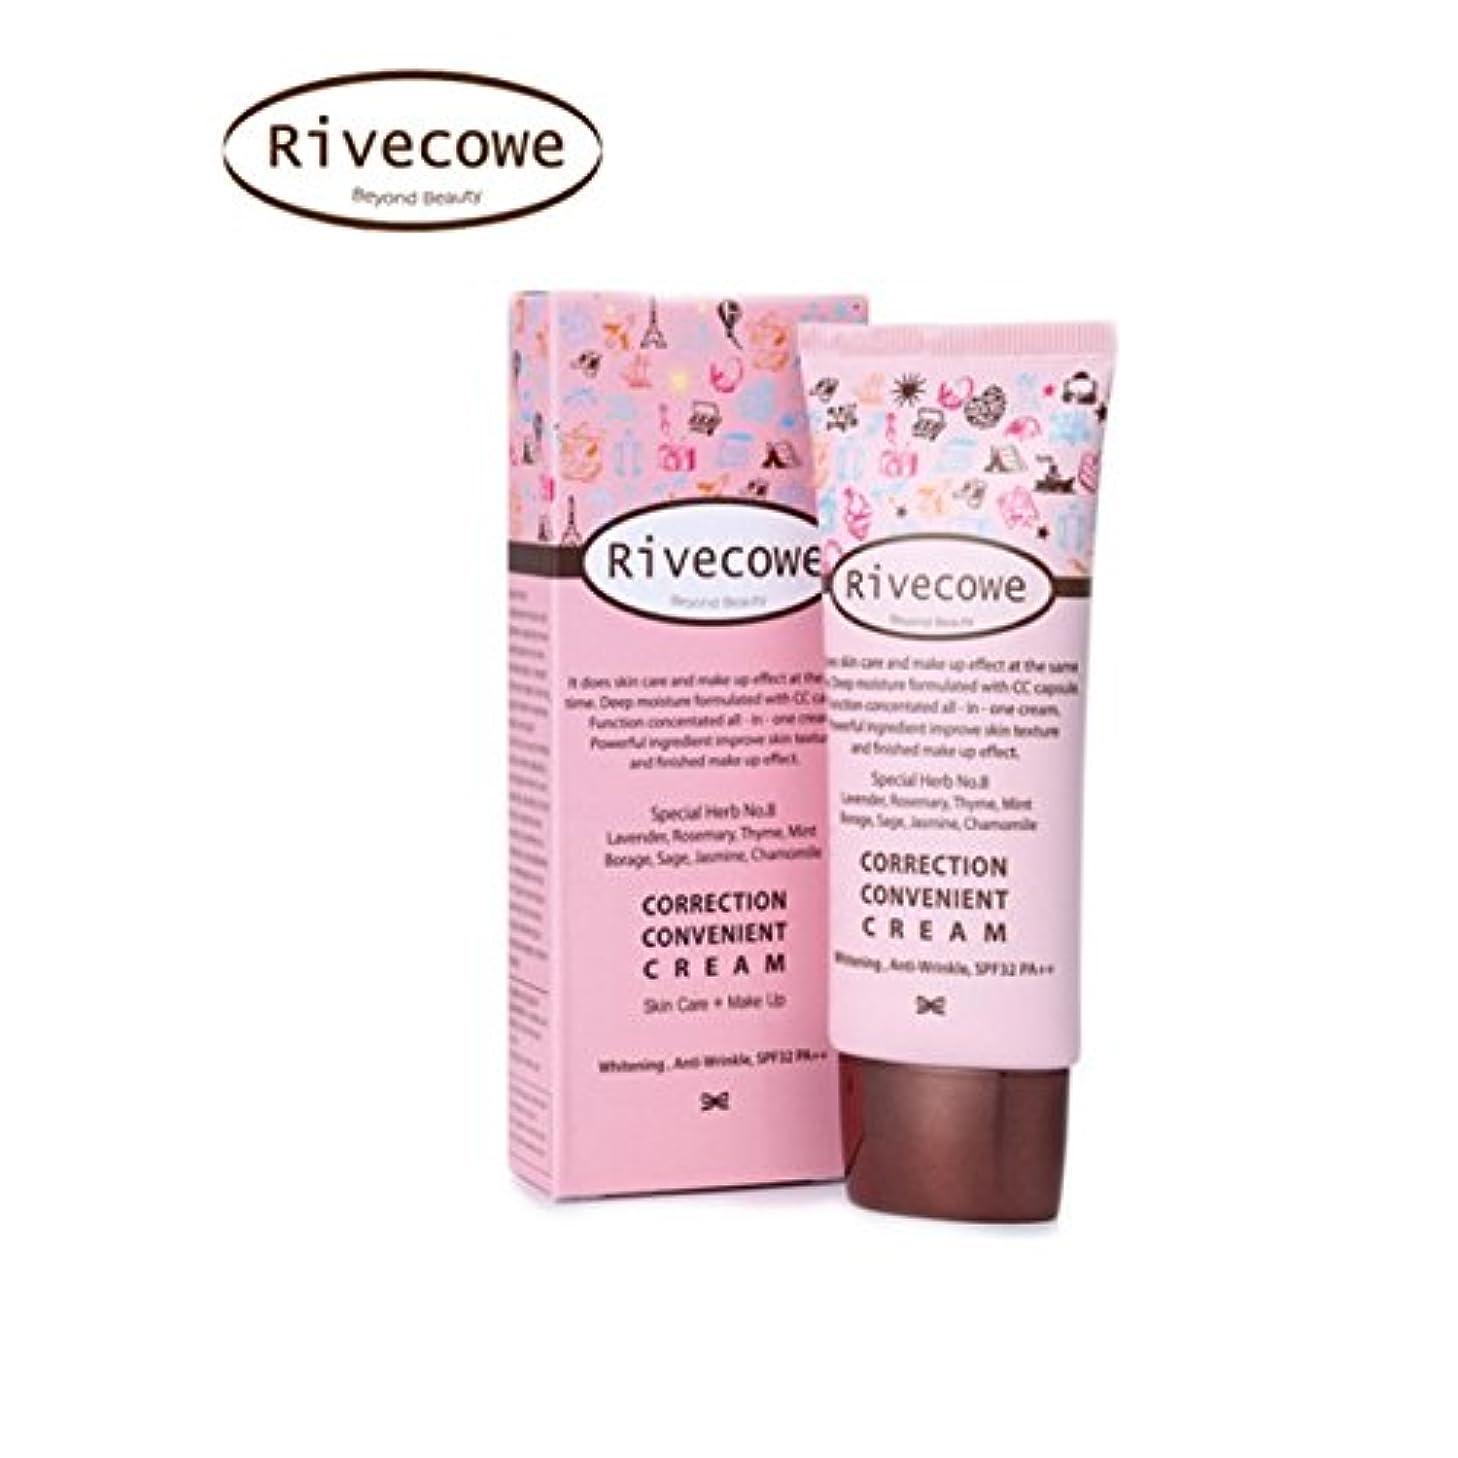 生き返らせる楽しい悪化させるリヴコイ [韓国コスメ Rivecowe] CC クリーム (SPF32,PA++) 40ml(BB Skin Care+Makeup Foundation)/w Gift Sample [並行輸入品]